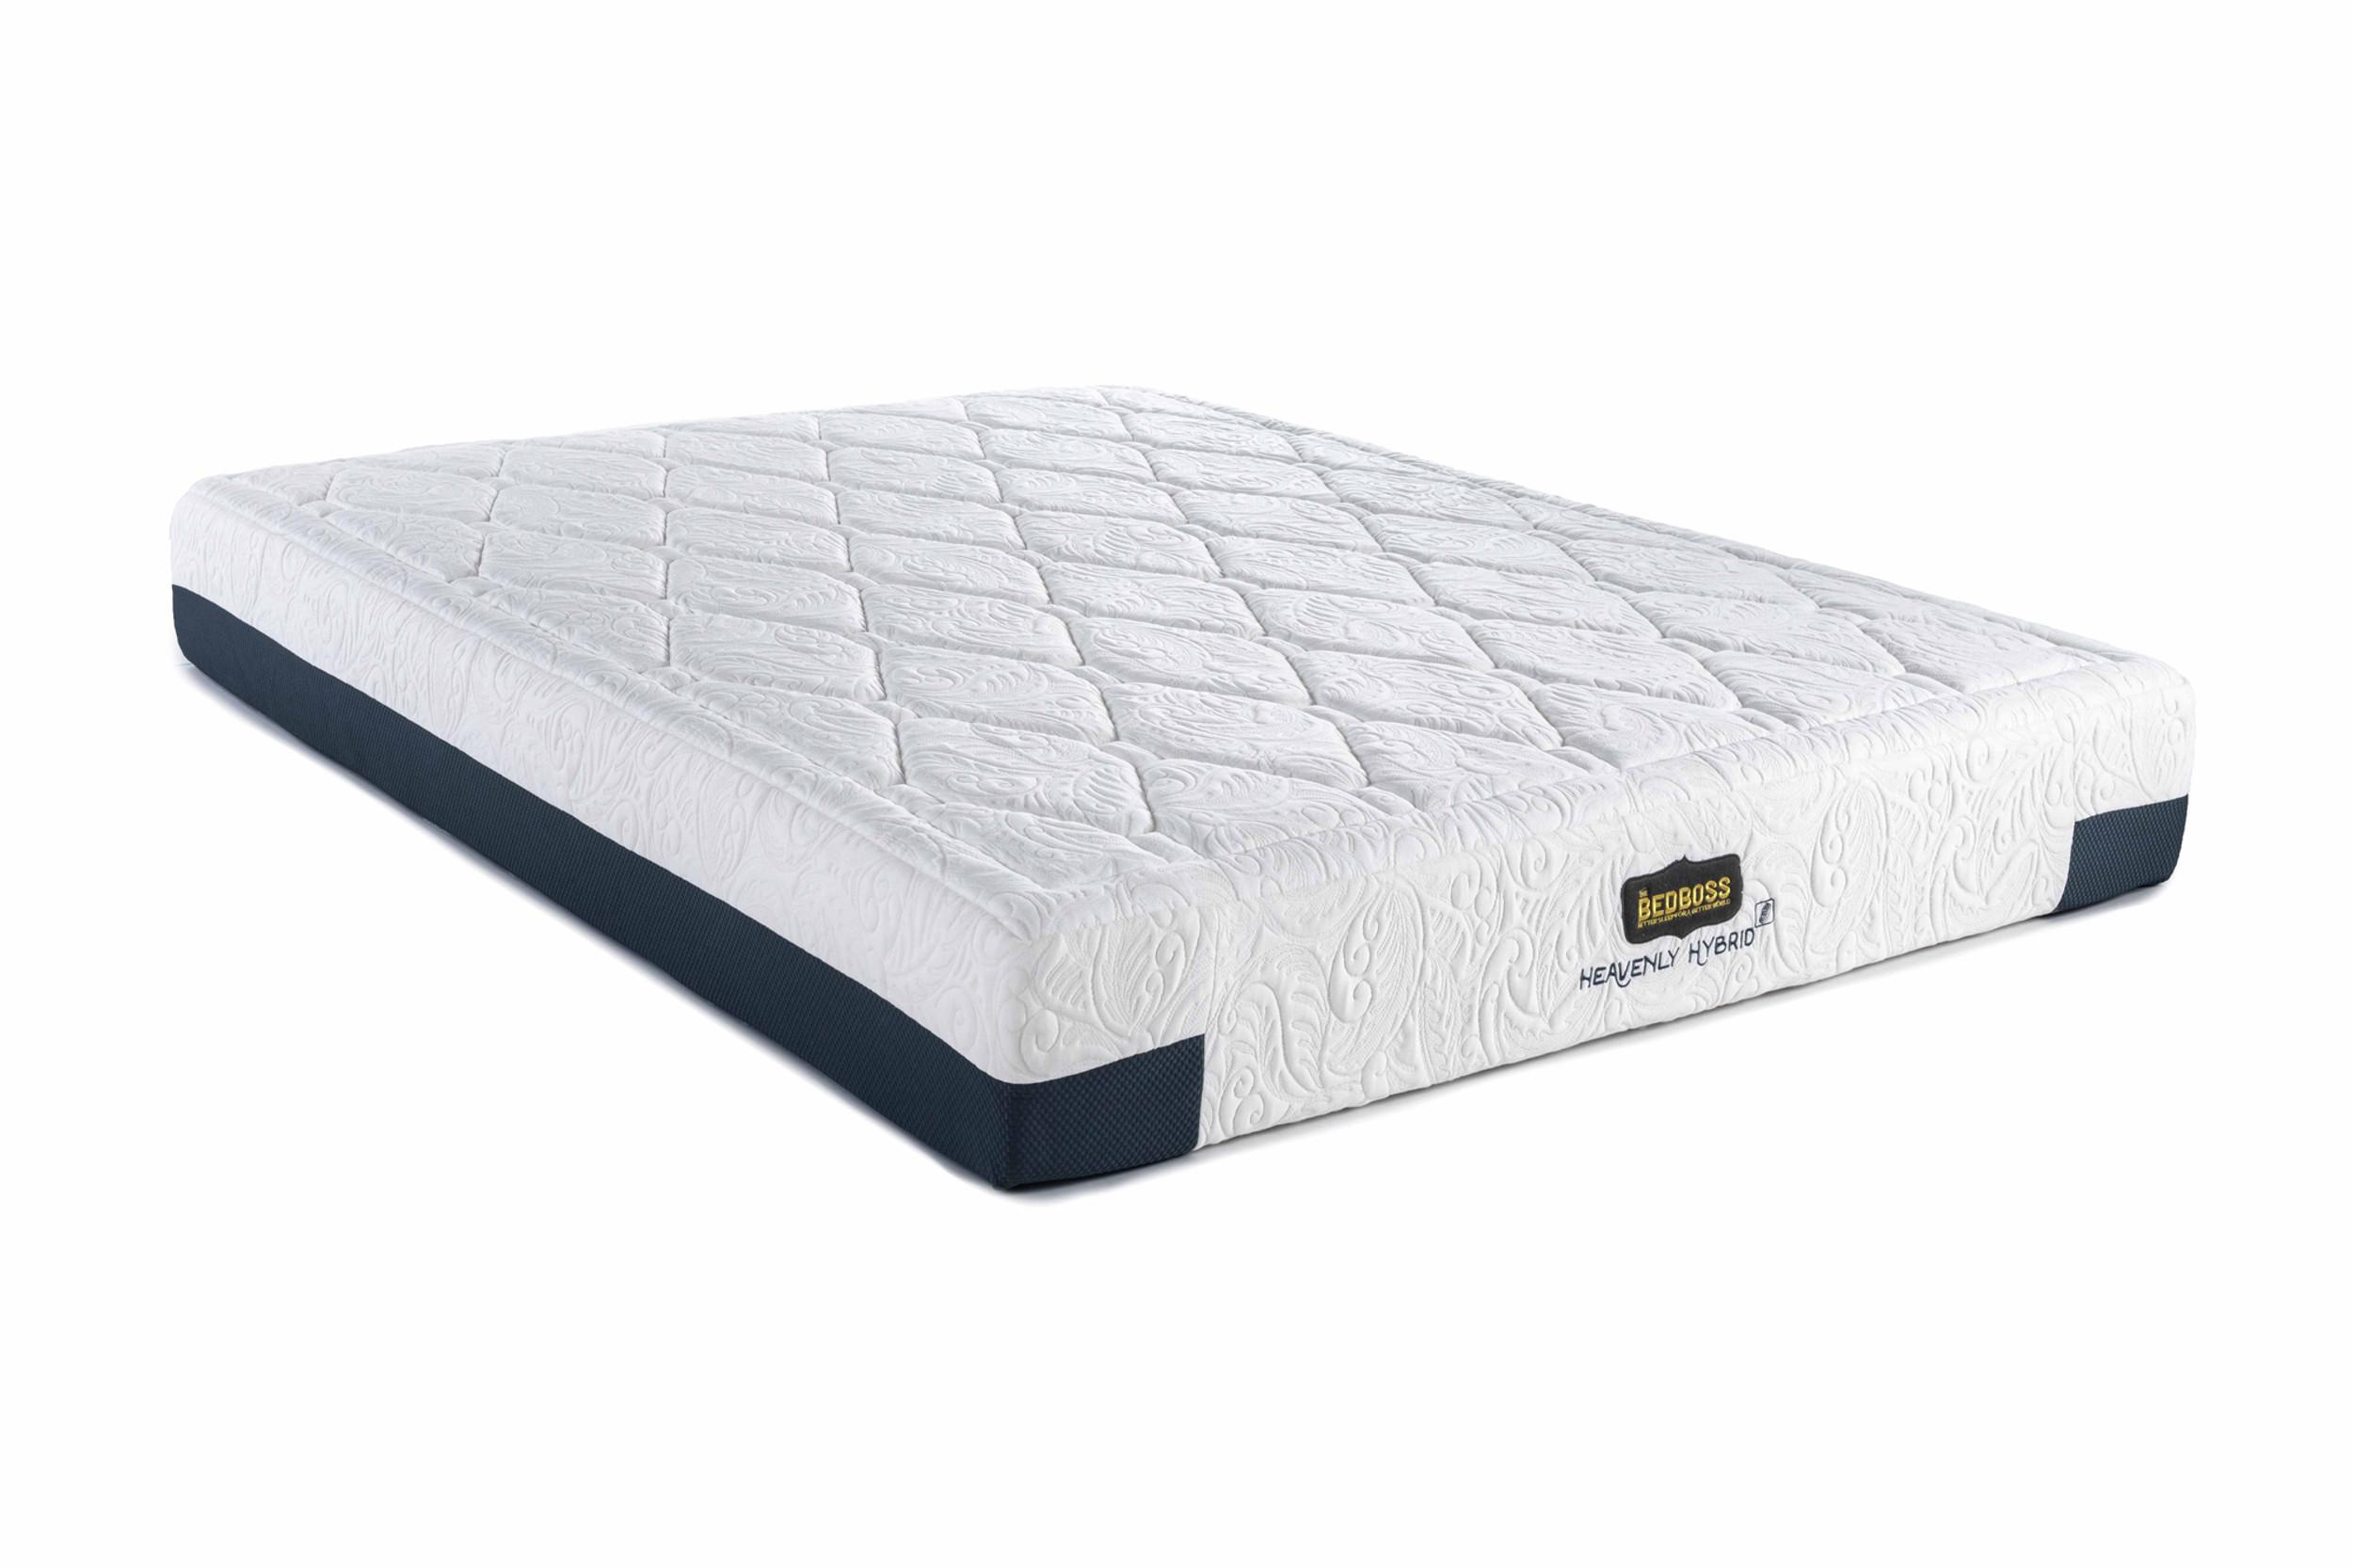 Best Value In Bedding Hybrid Memory Foam Mattress